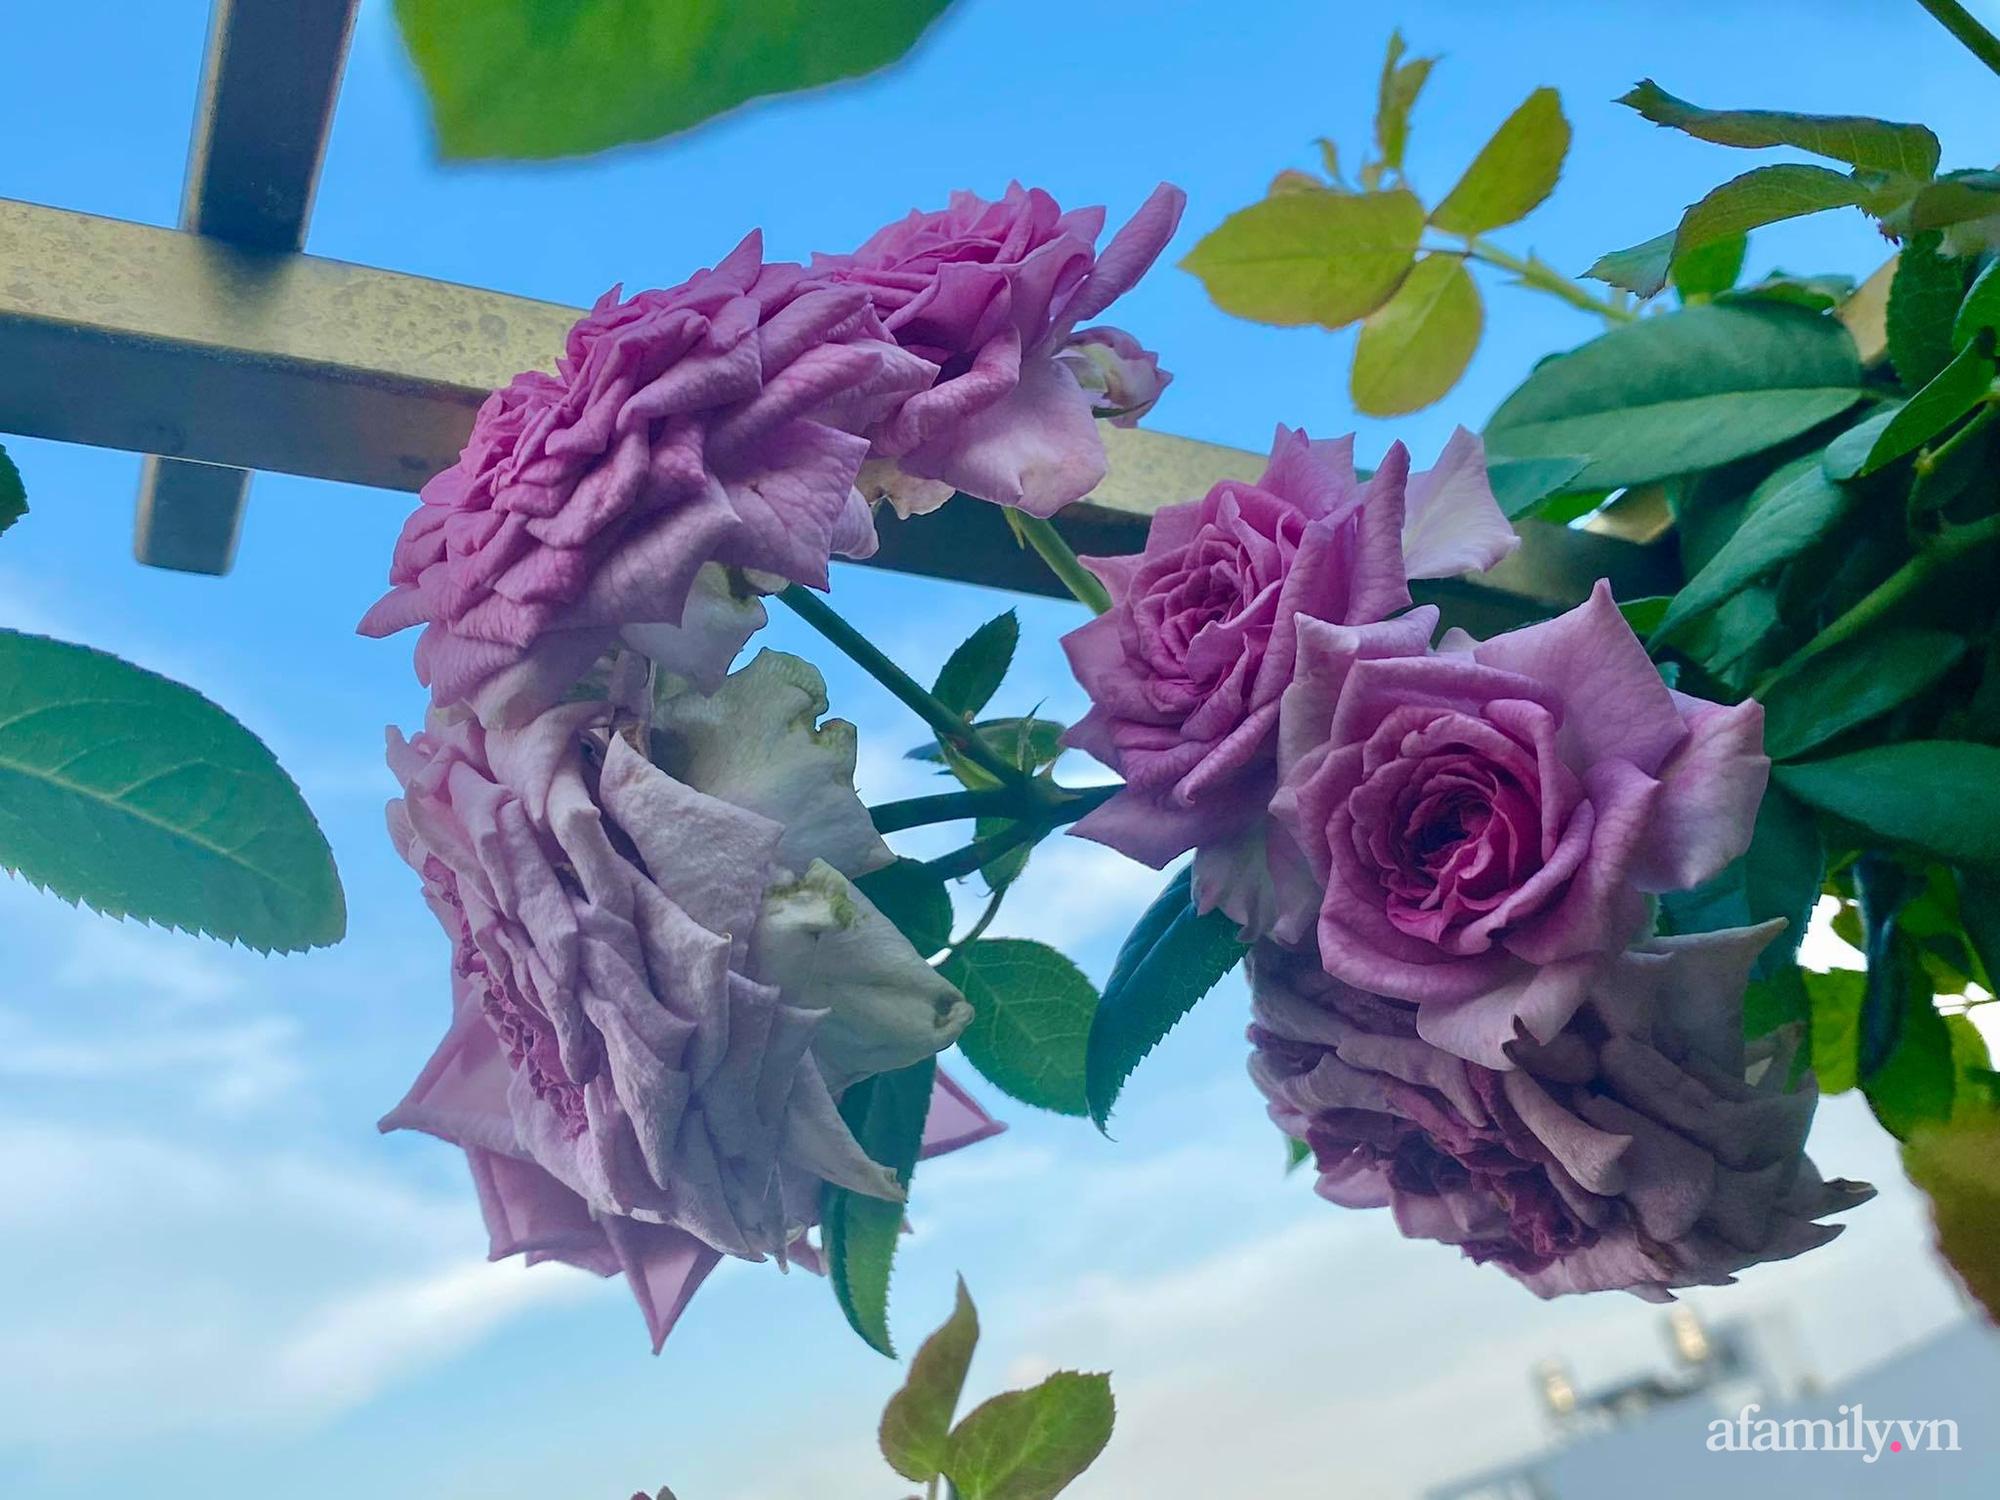 Sân thượng phủ kín hoa hồng và rau quả sạch ở Sài Gòn của Hoa hậu Janny Thủy Trần-15